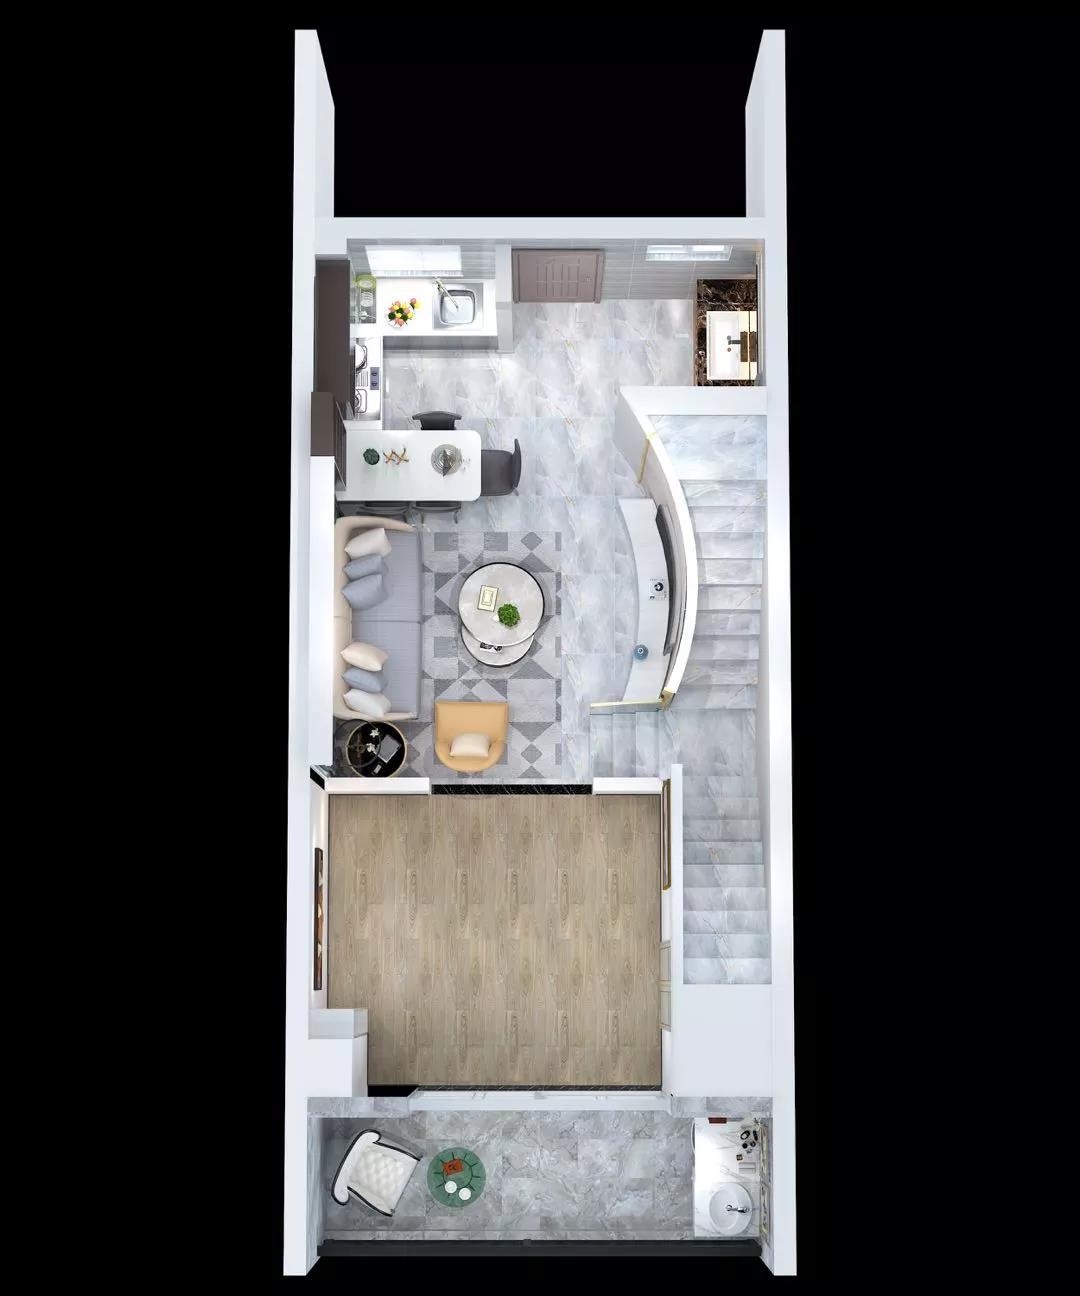 庆龄文化广场户型图:建筑面积51㎡三居二层